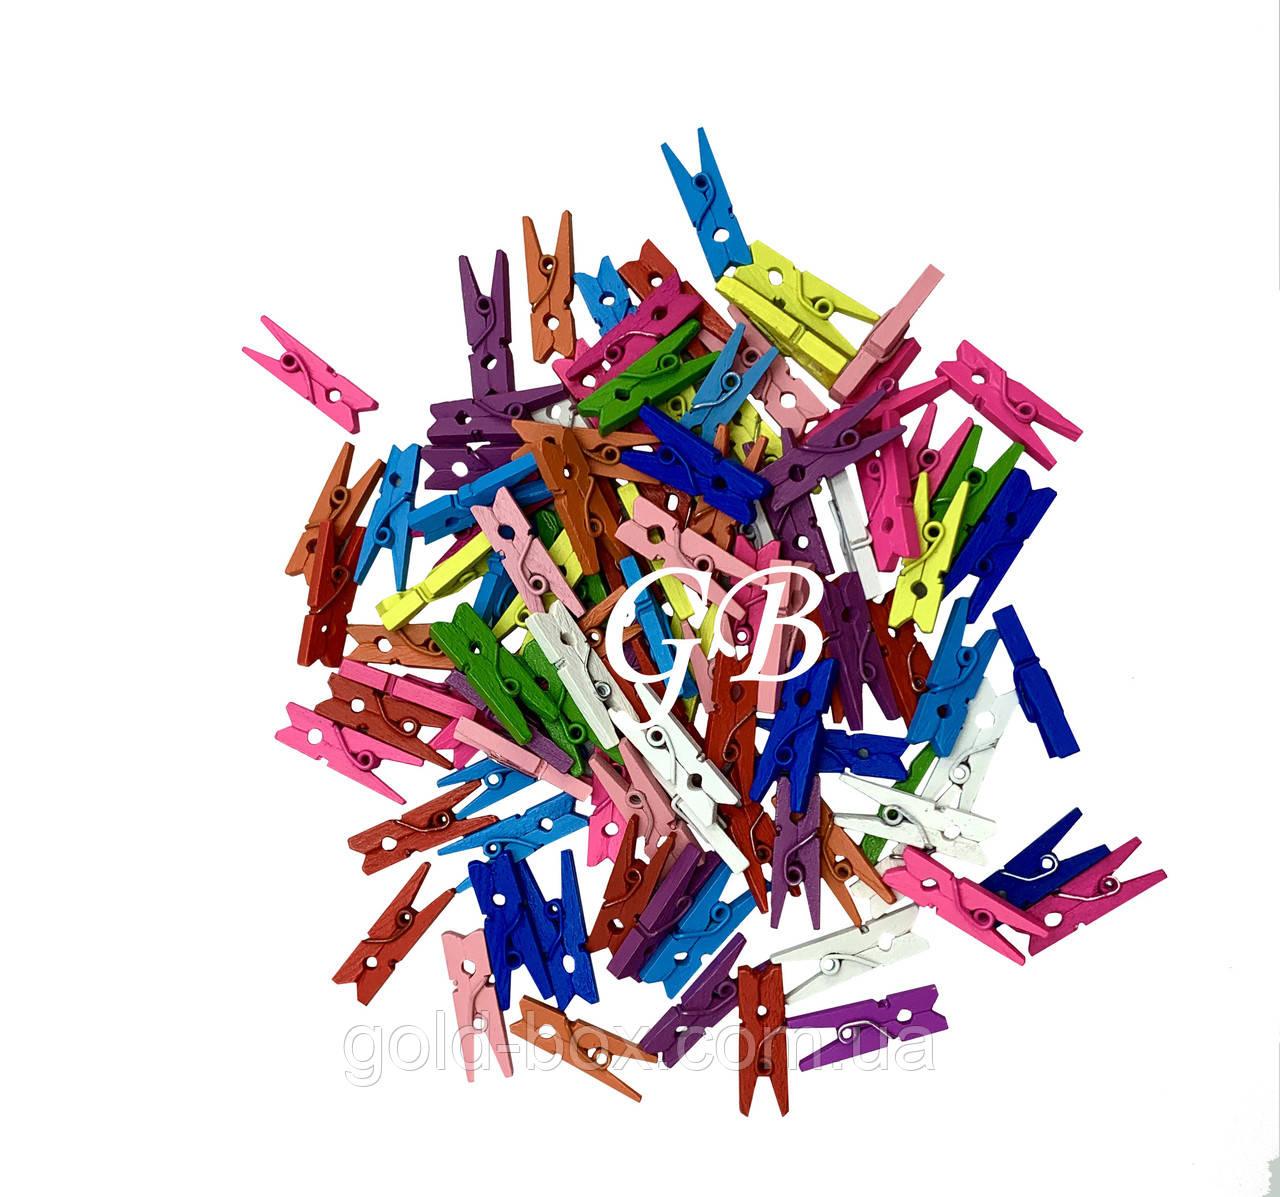 Декоративная прищепка цветная 2,5см 500шт оптом